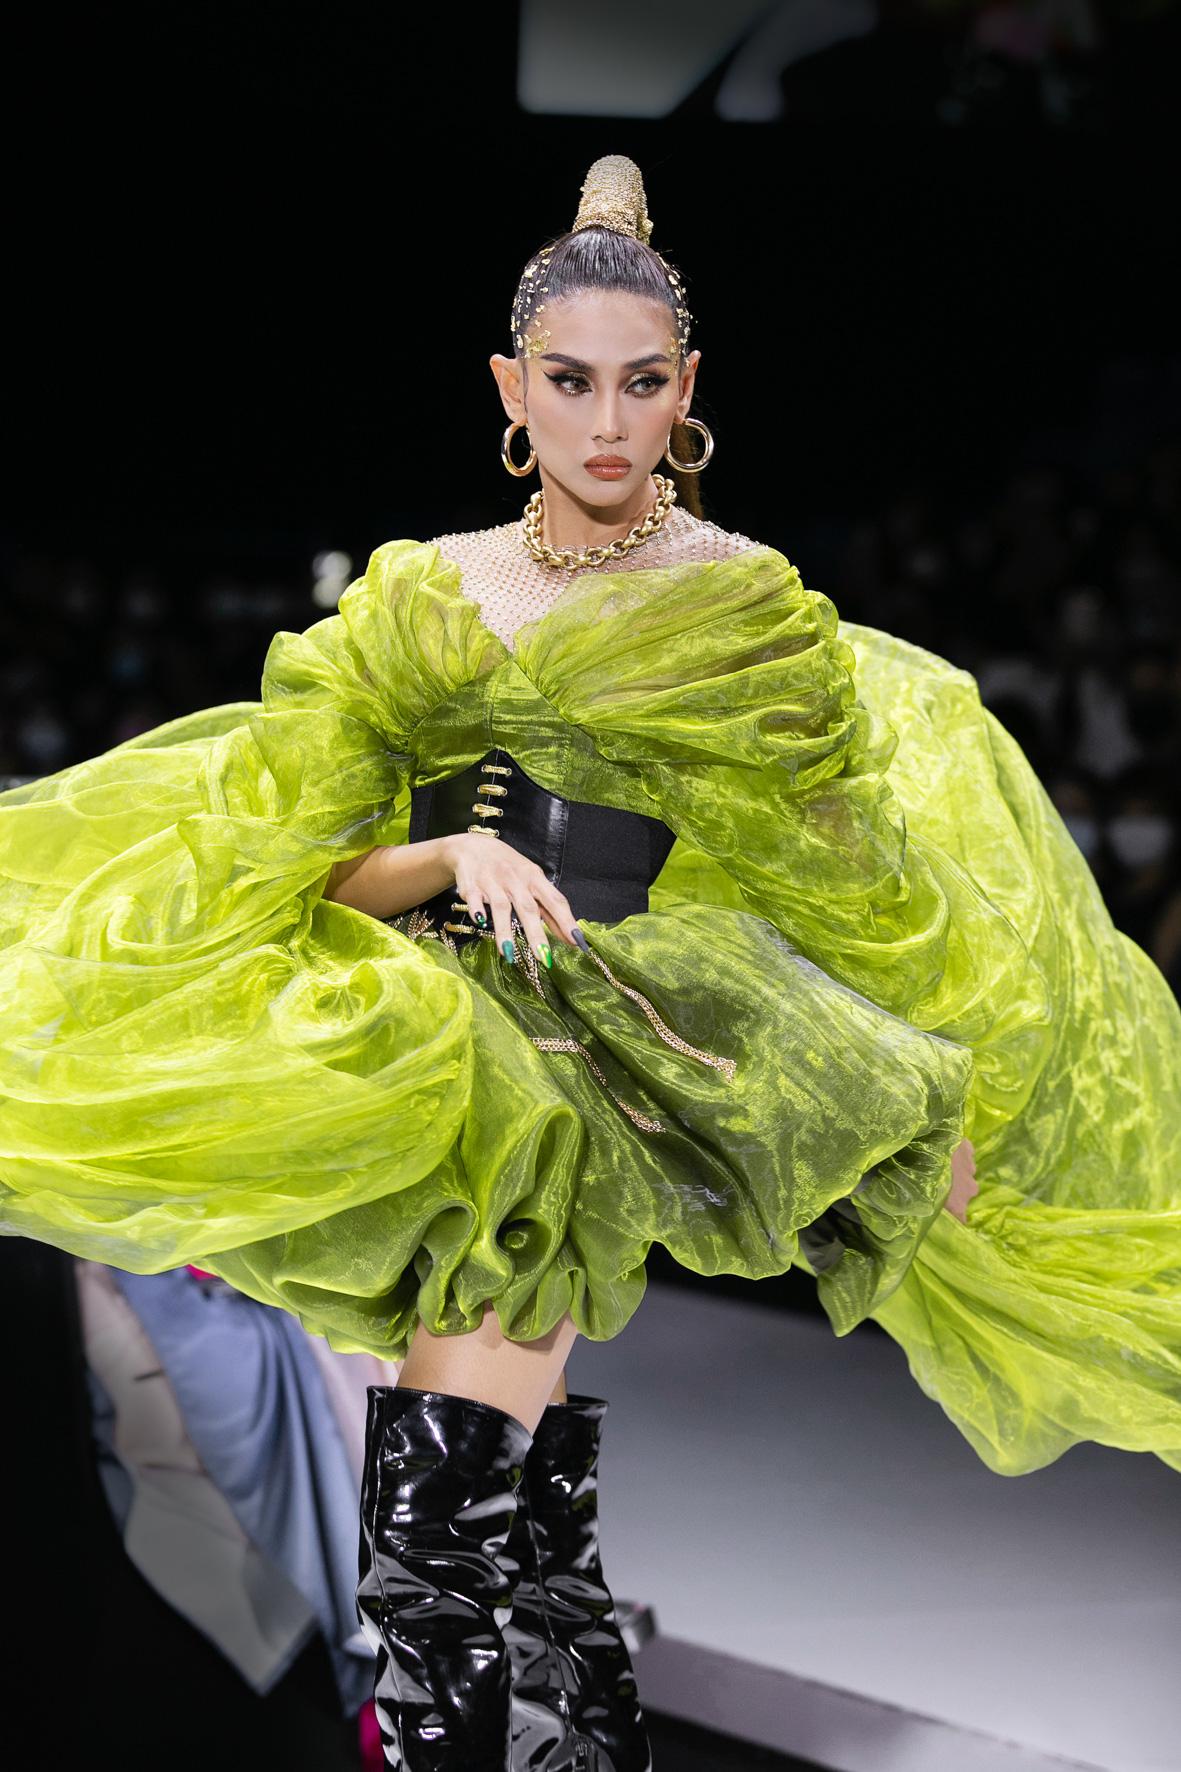 """Võ Hoàng Yến nêu ra tiêu chuẩn trở thành người mẫu hạng A, """"vén màn"""" góc khuất nghề mẫu - Ảnh 3."""